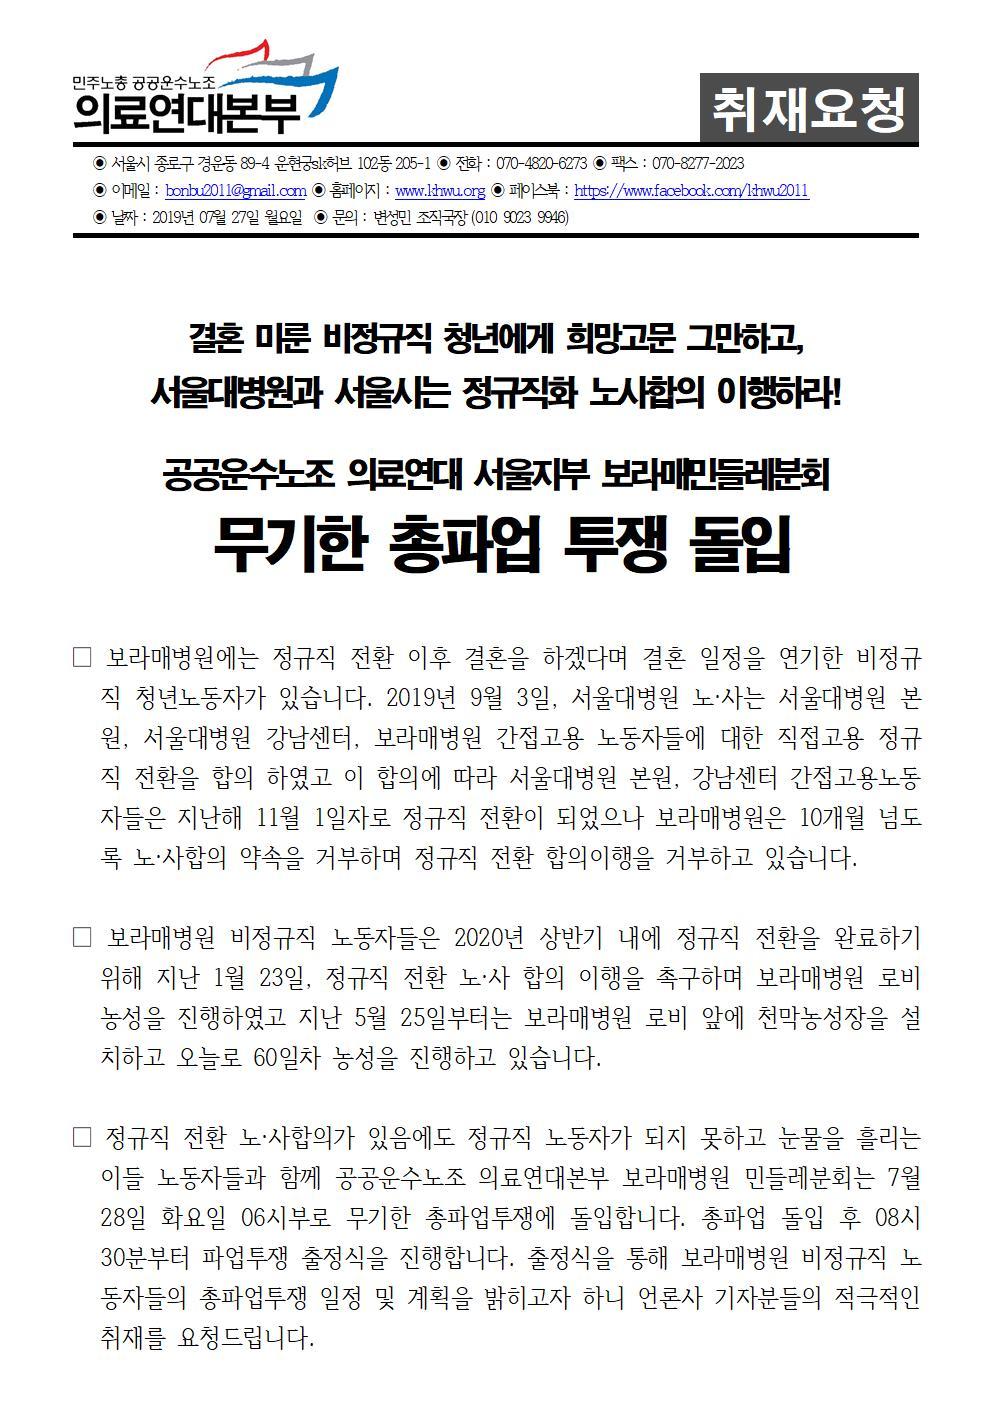 200727_[취재요청]보라매병원민들레분회무기한총파업001.jpg